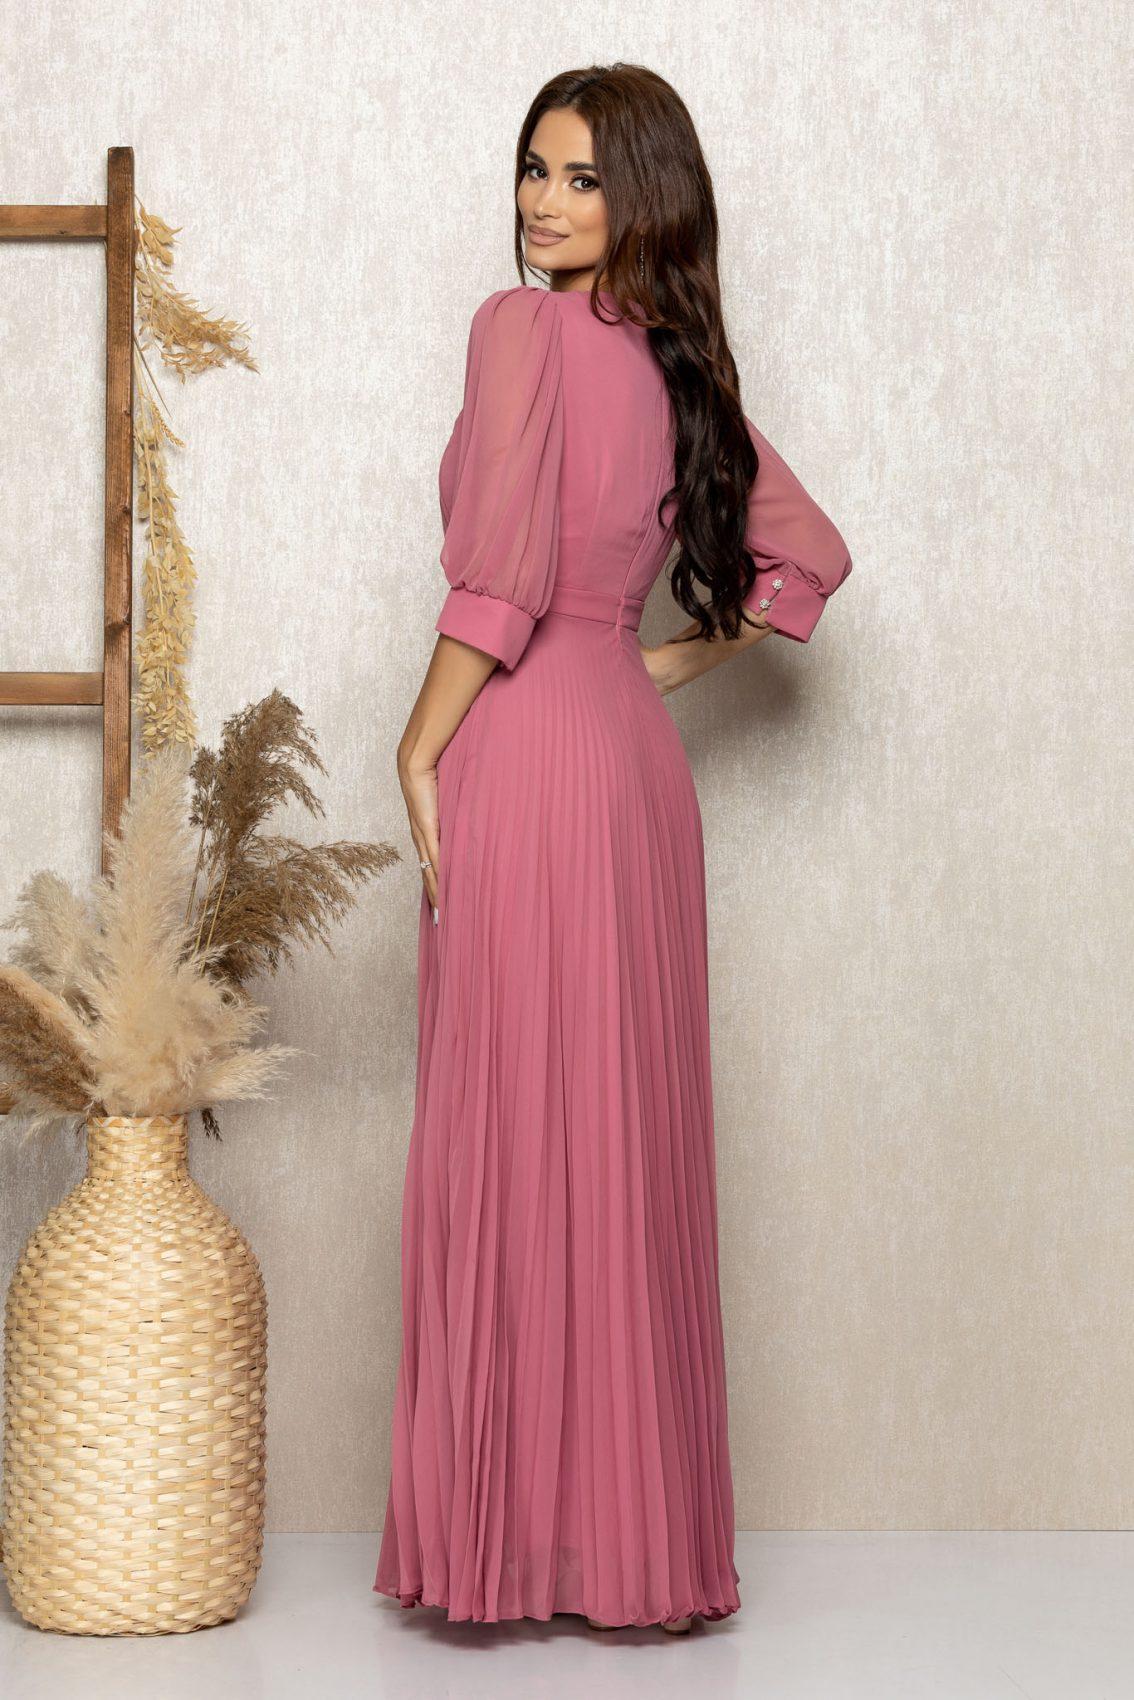 Ροζ Μάξι Βραδινό Φόρεμα Με Στρας Gracielle T269 2